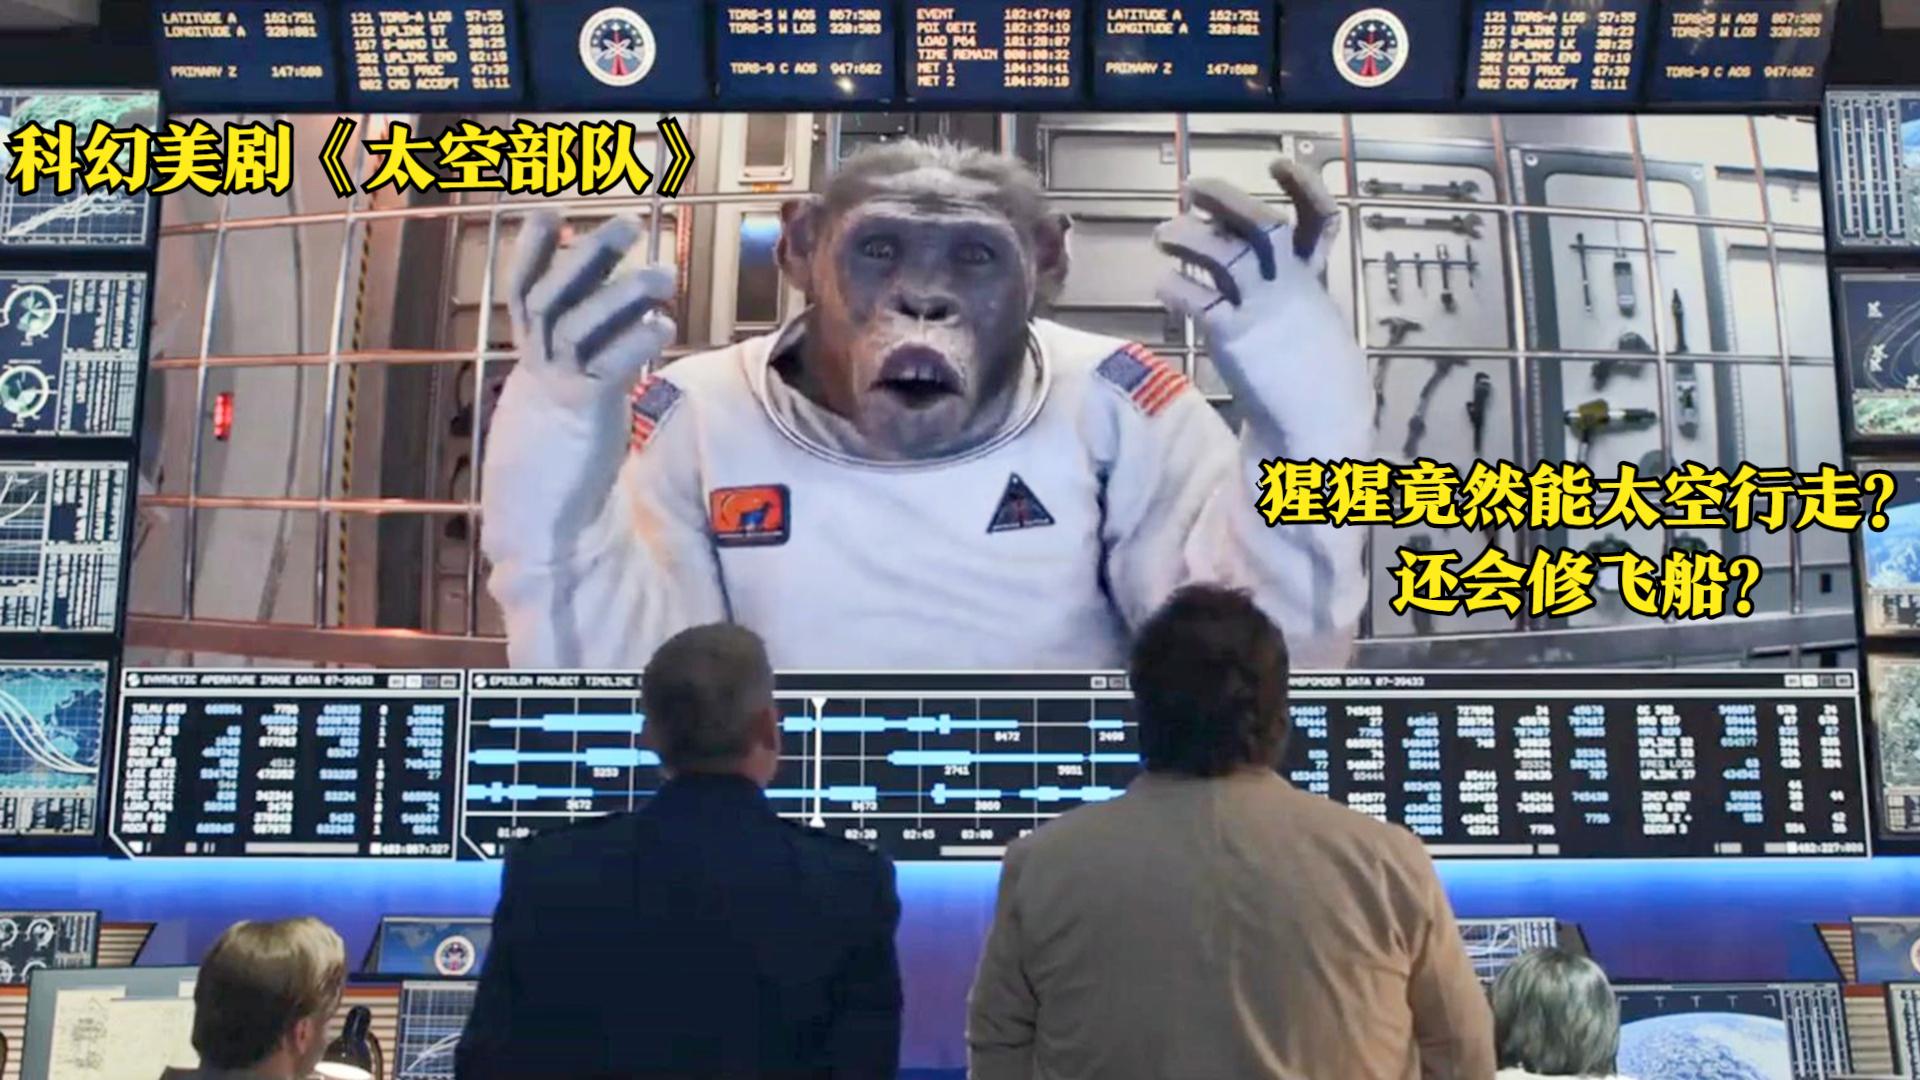 飞船出现故障,美国派猩猩去修理,猩猩一看到中国飞船竟直接投降